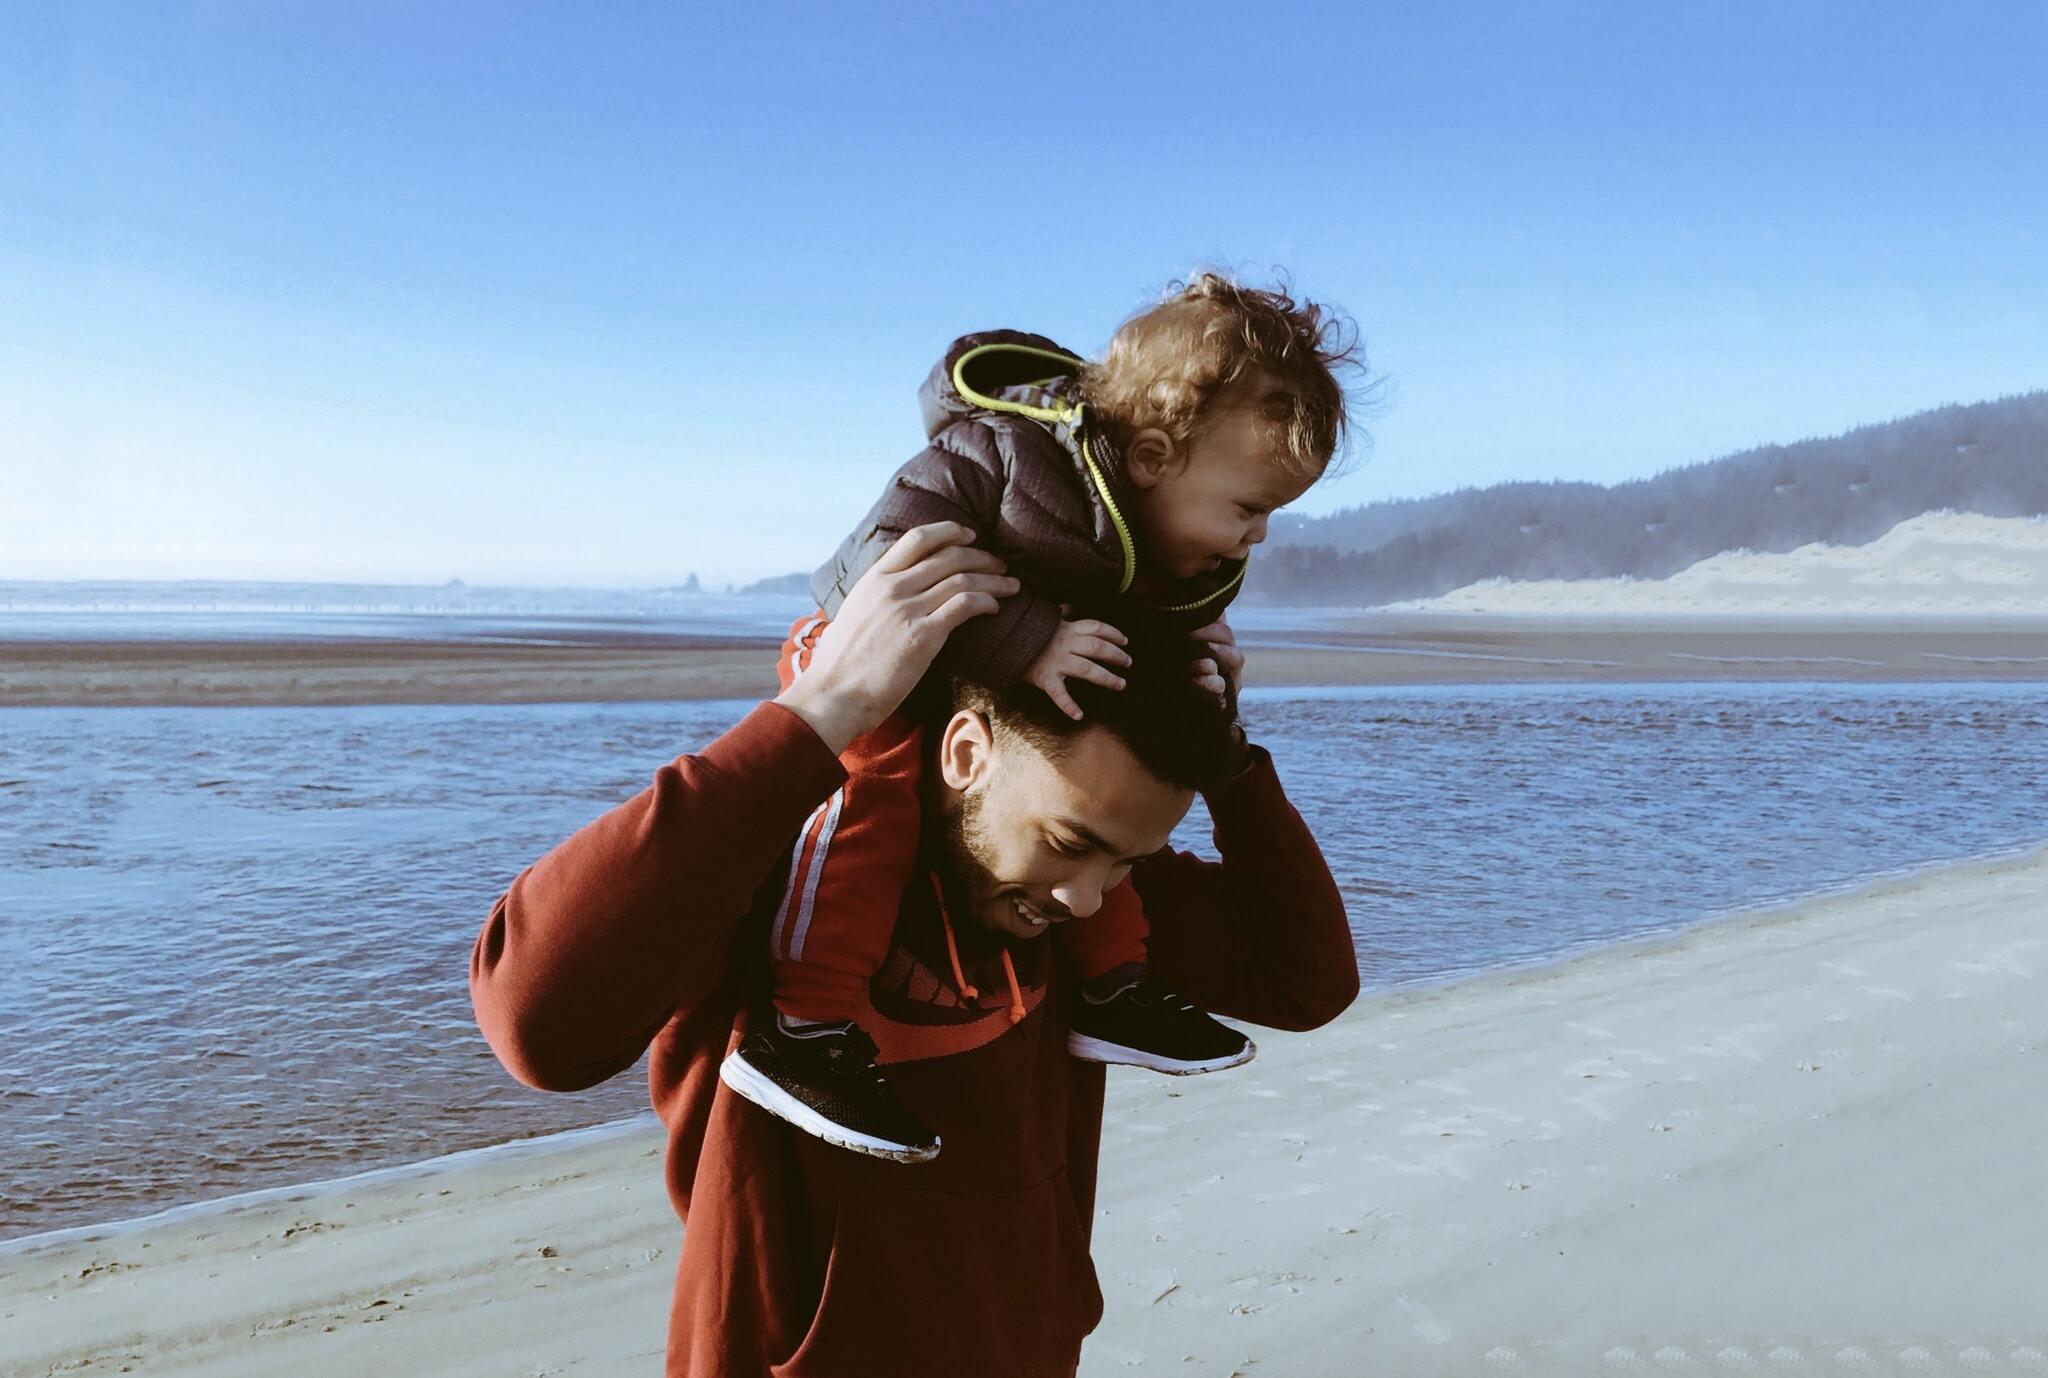 Hình ảnh cha và con cực đẹp